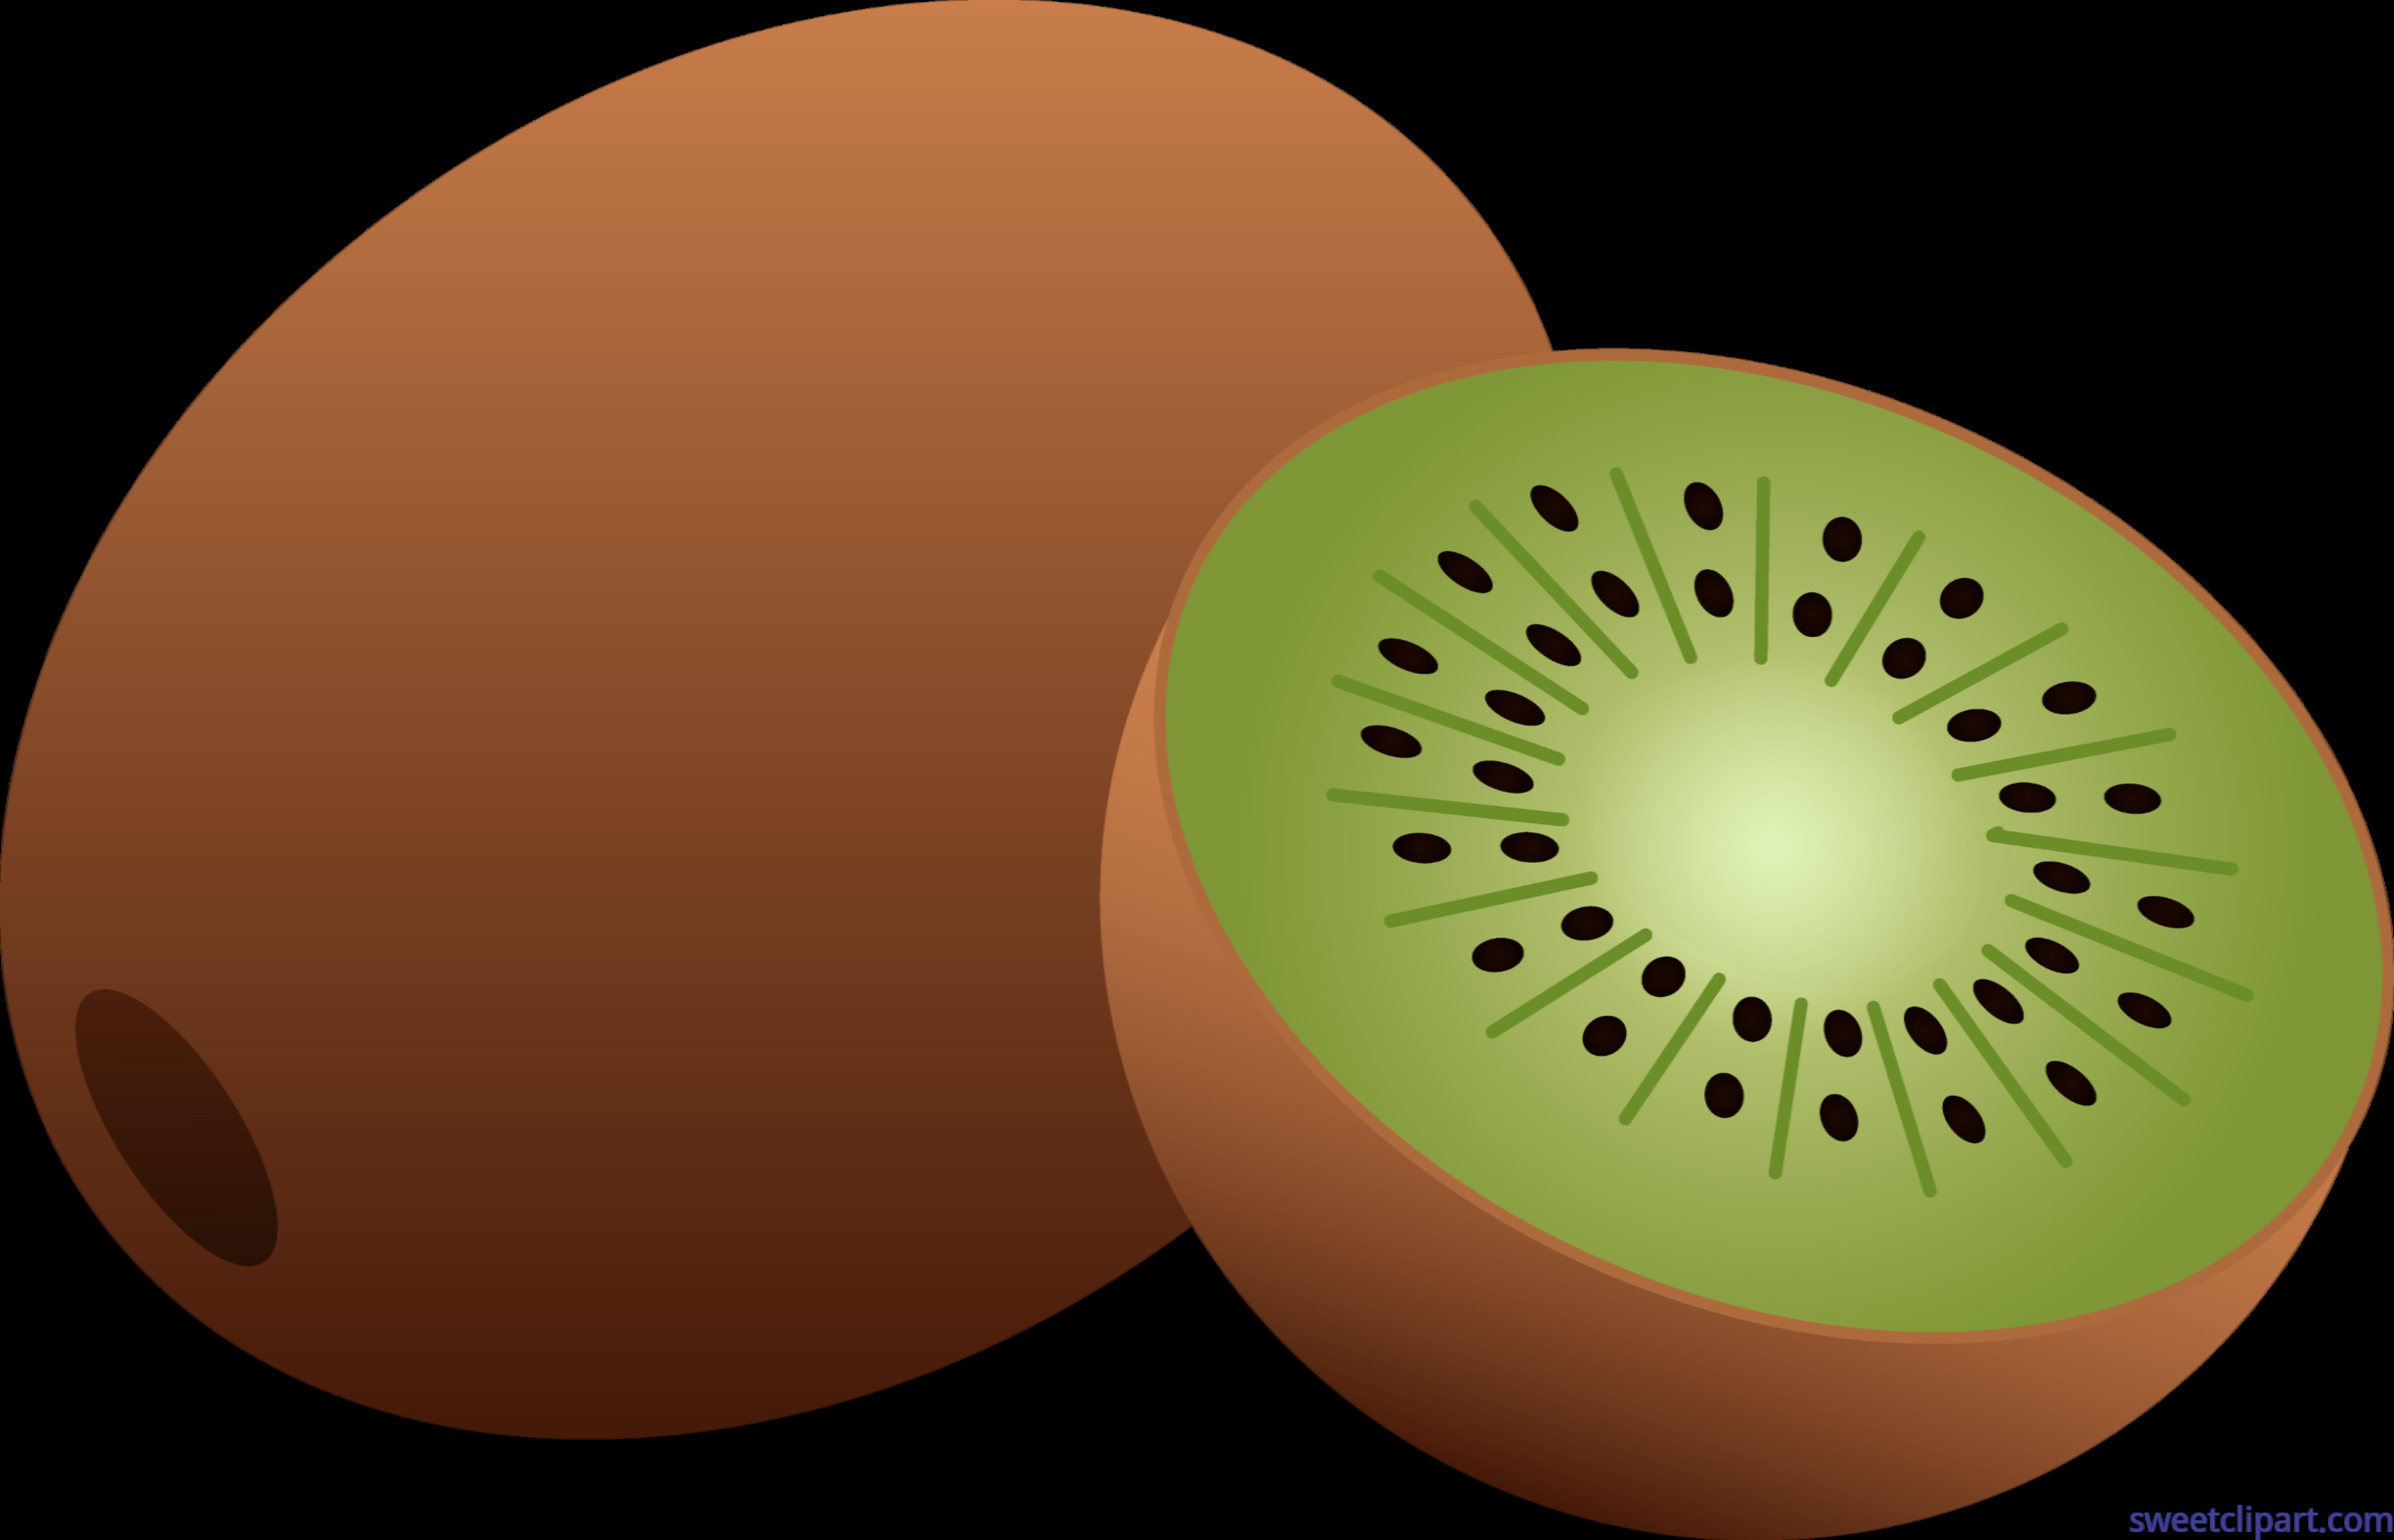 Kiwi Fruit Clip Art - Kiwi Clipart